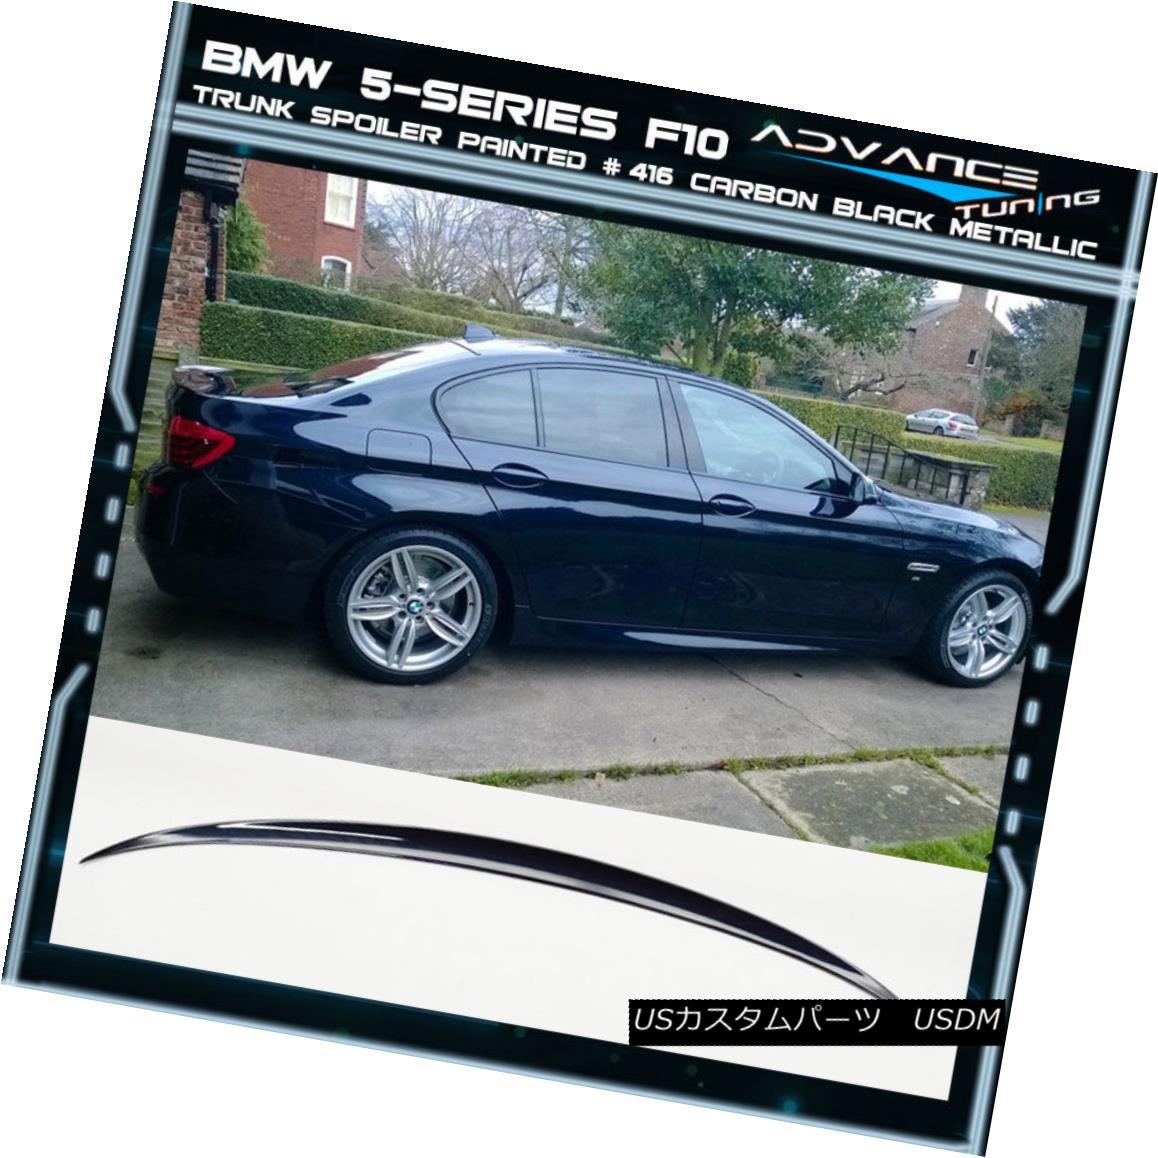 エアロパーツ 11-16 5-Series F10 Trunk Spoiler OEM Painted Color # 416 ABS Black Metallic 11-16 5シリーズF10トランク・スポイラーOEM塗装カラー#416 ABSブラック・メタリック